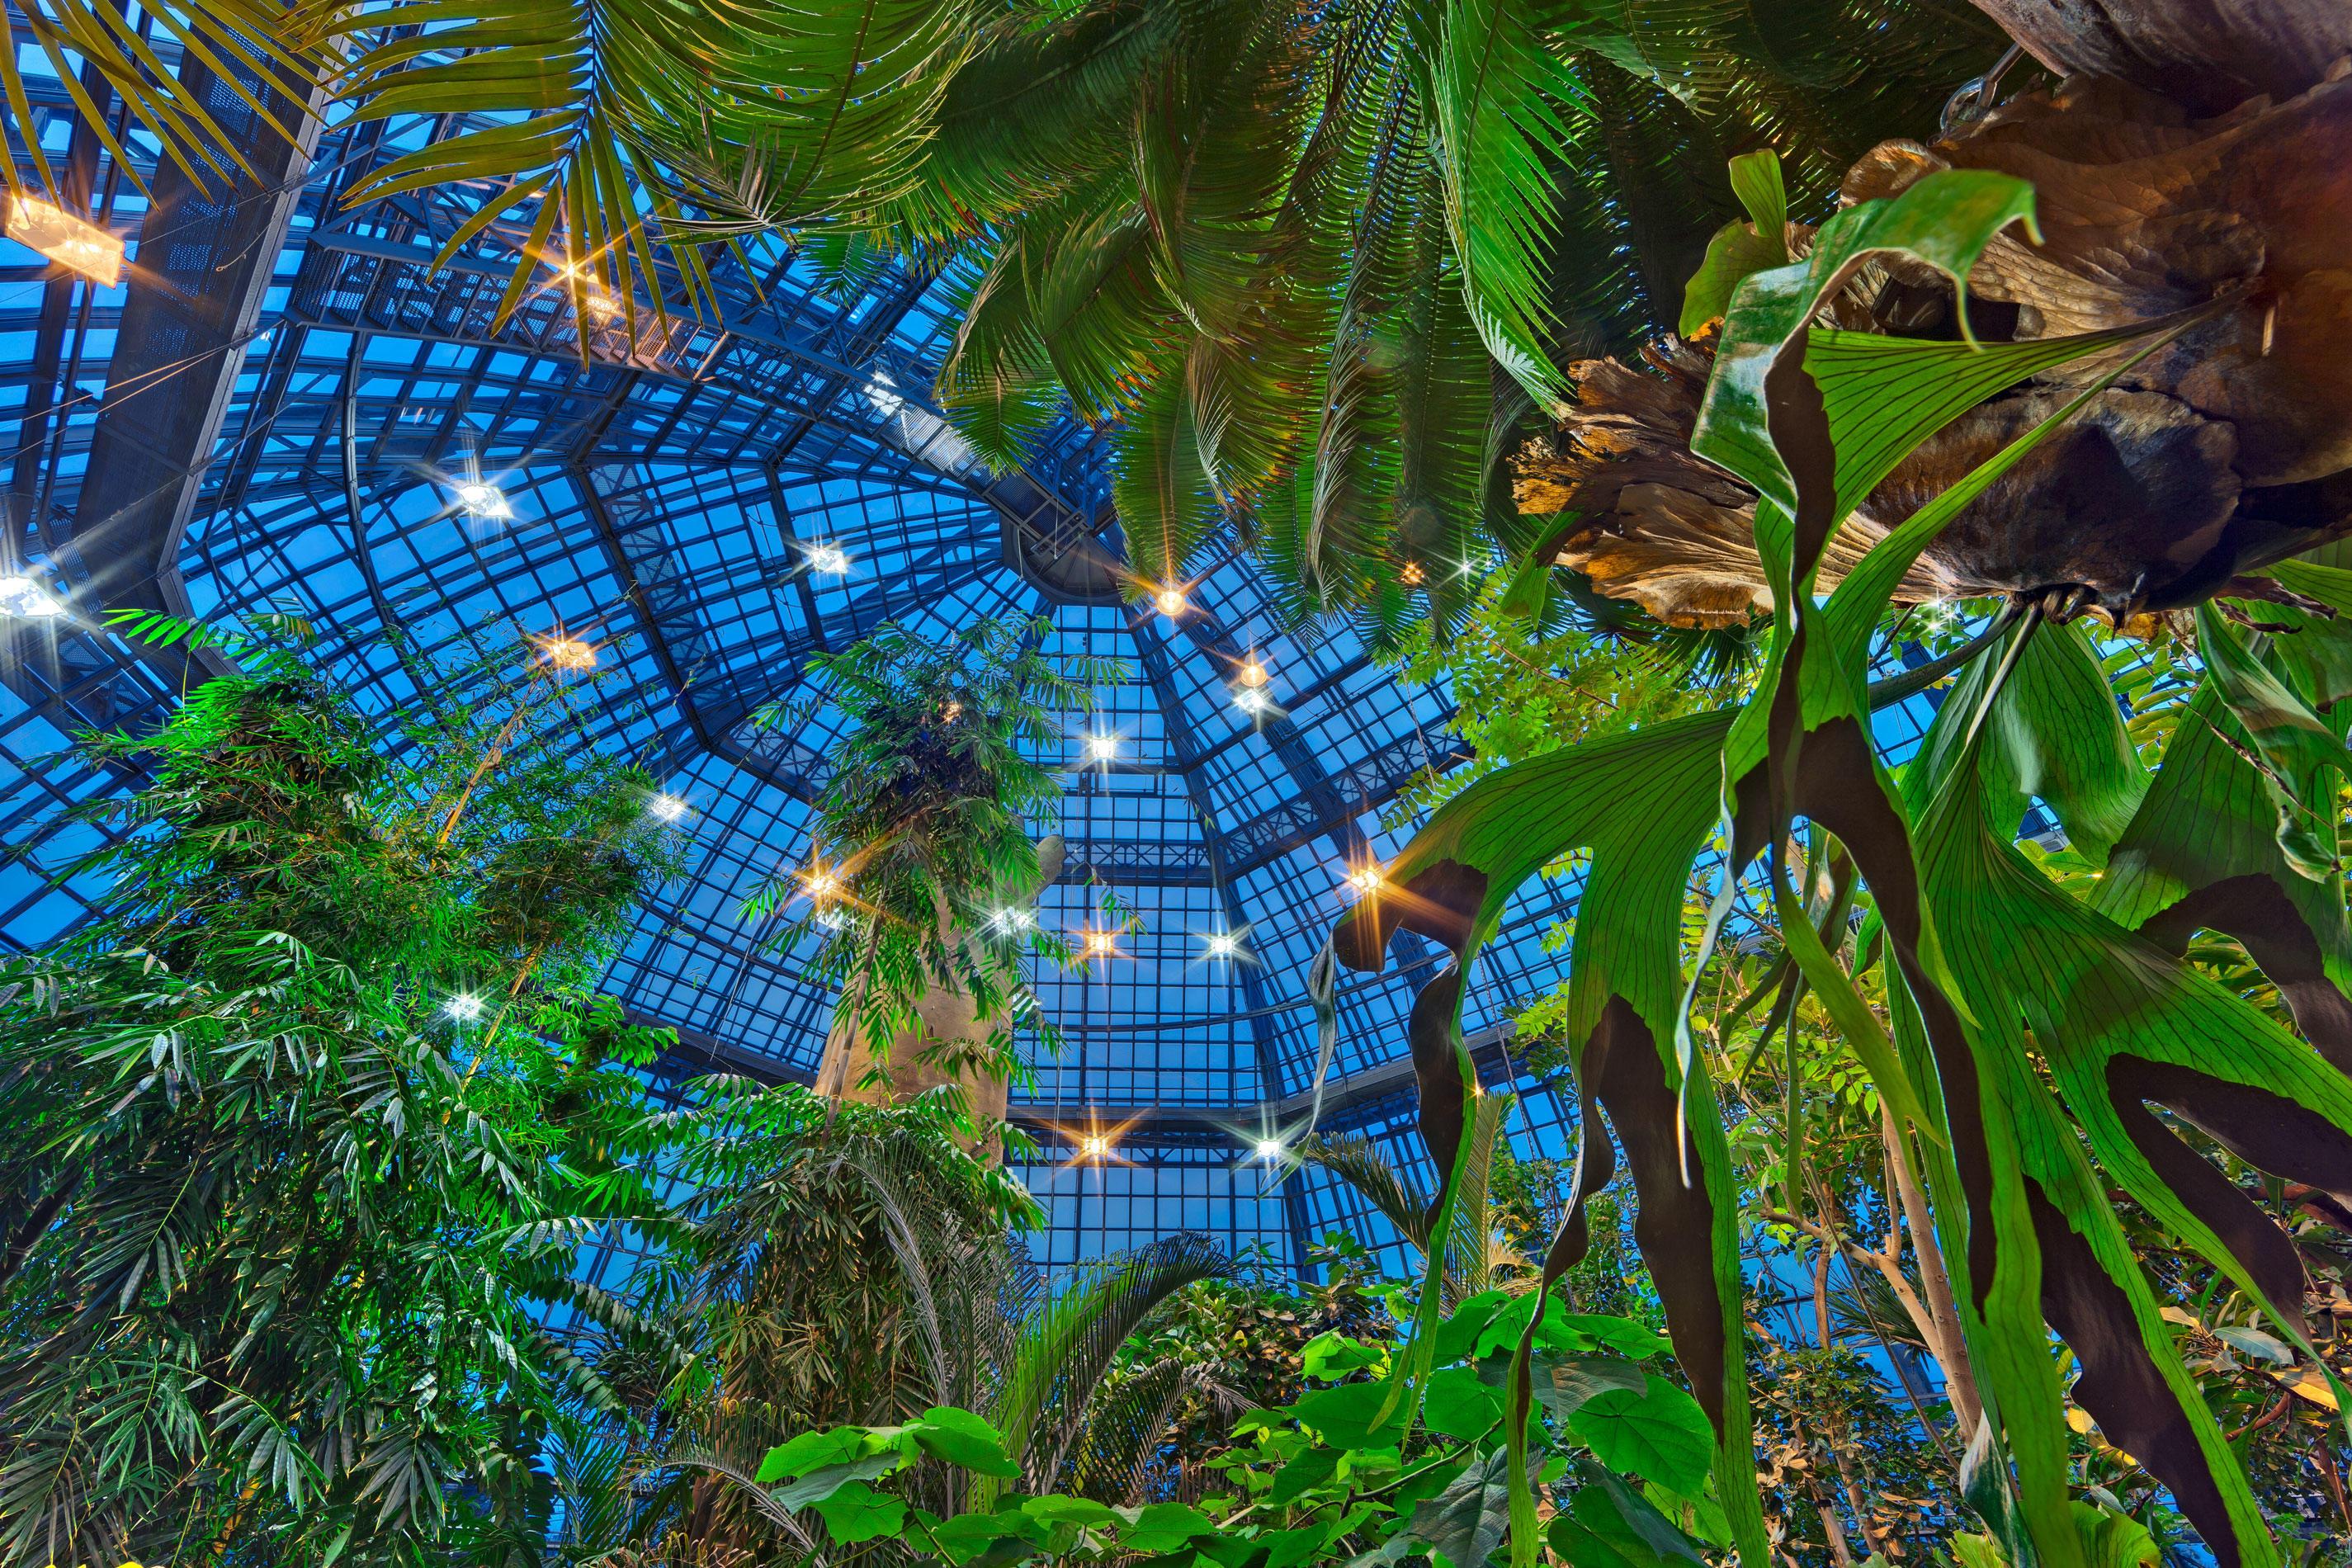 Tropische Nächte Im Botanischen Garten Campusleben Freie